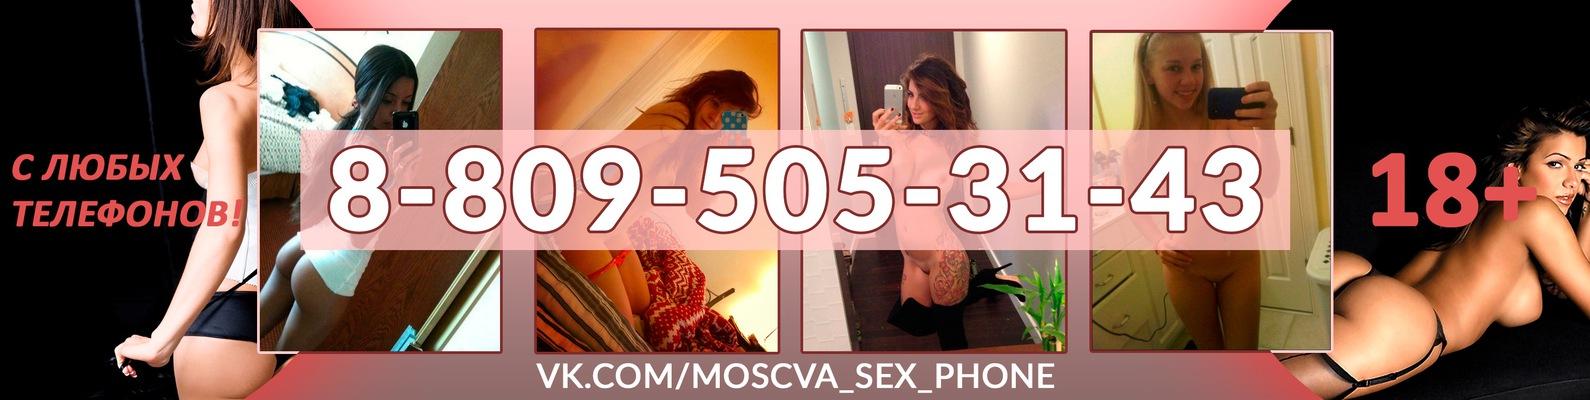 nomera-seks-po-telefonu-s-zreloy-nomera-video-zolotaya-kollektsiya